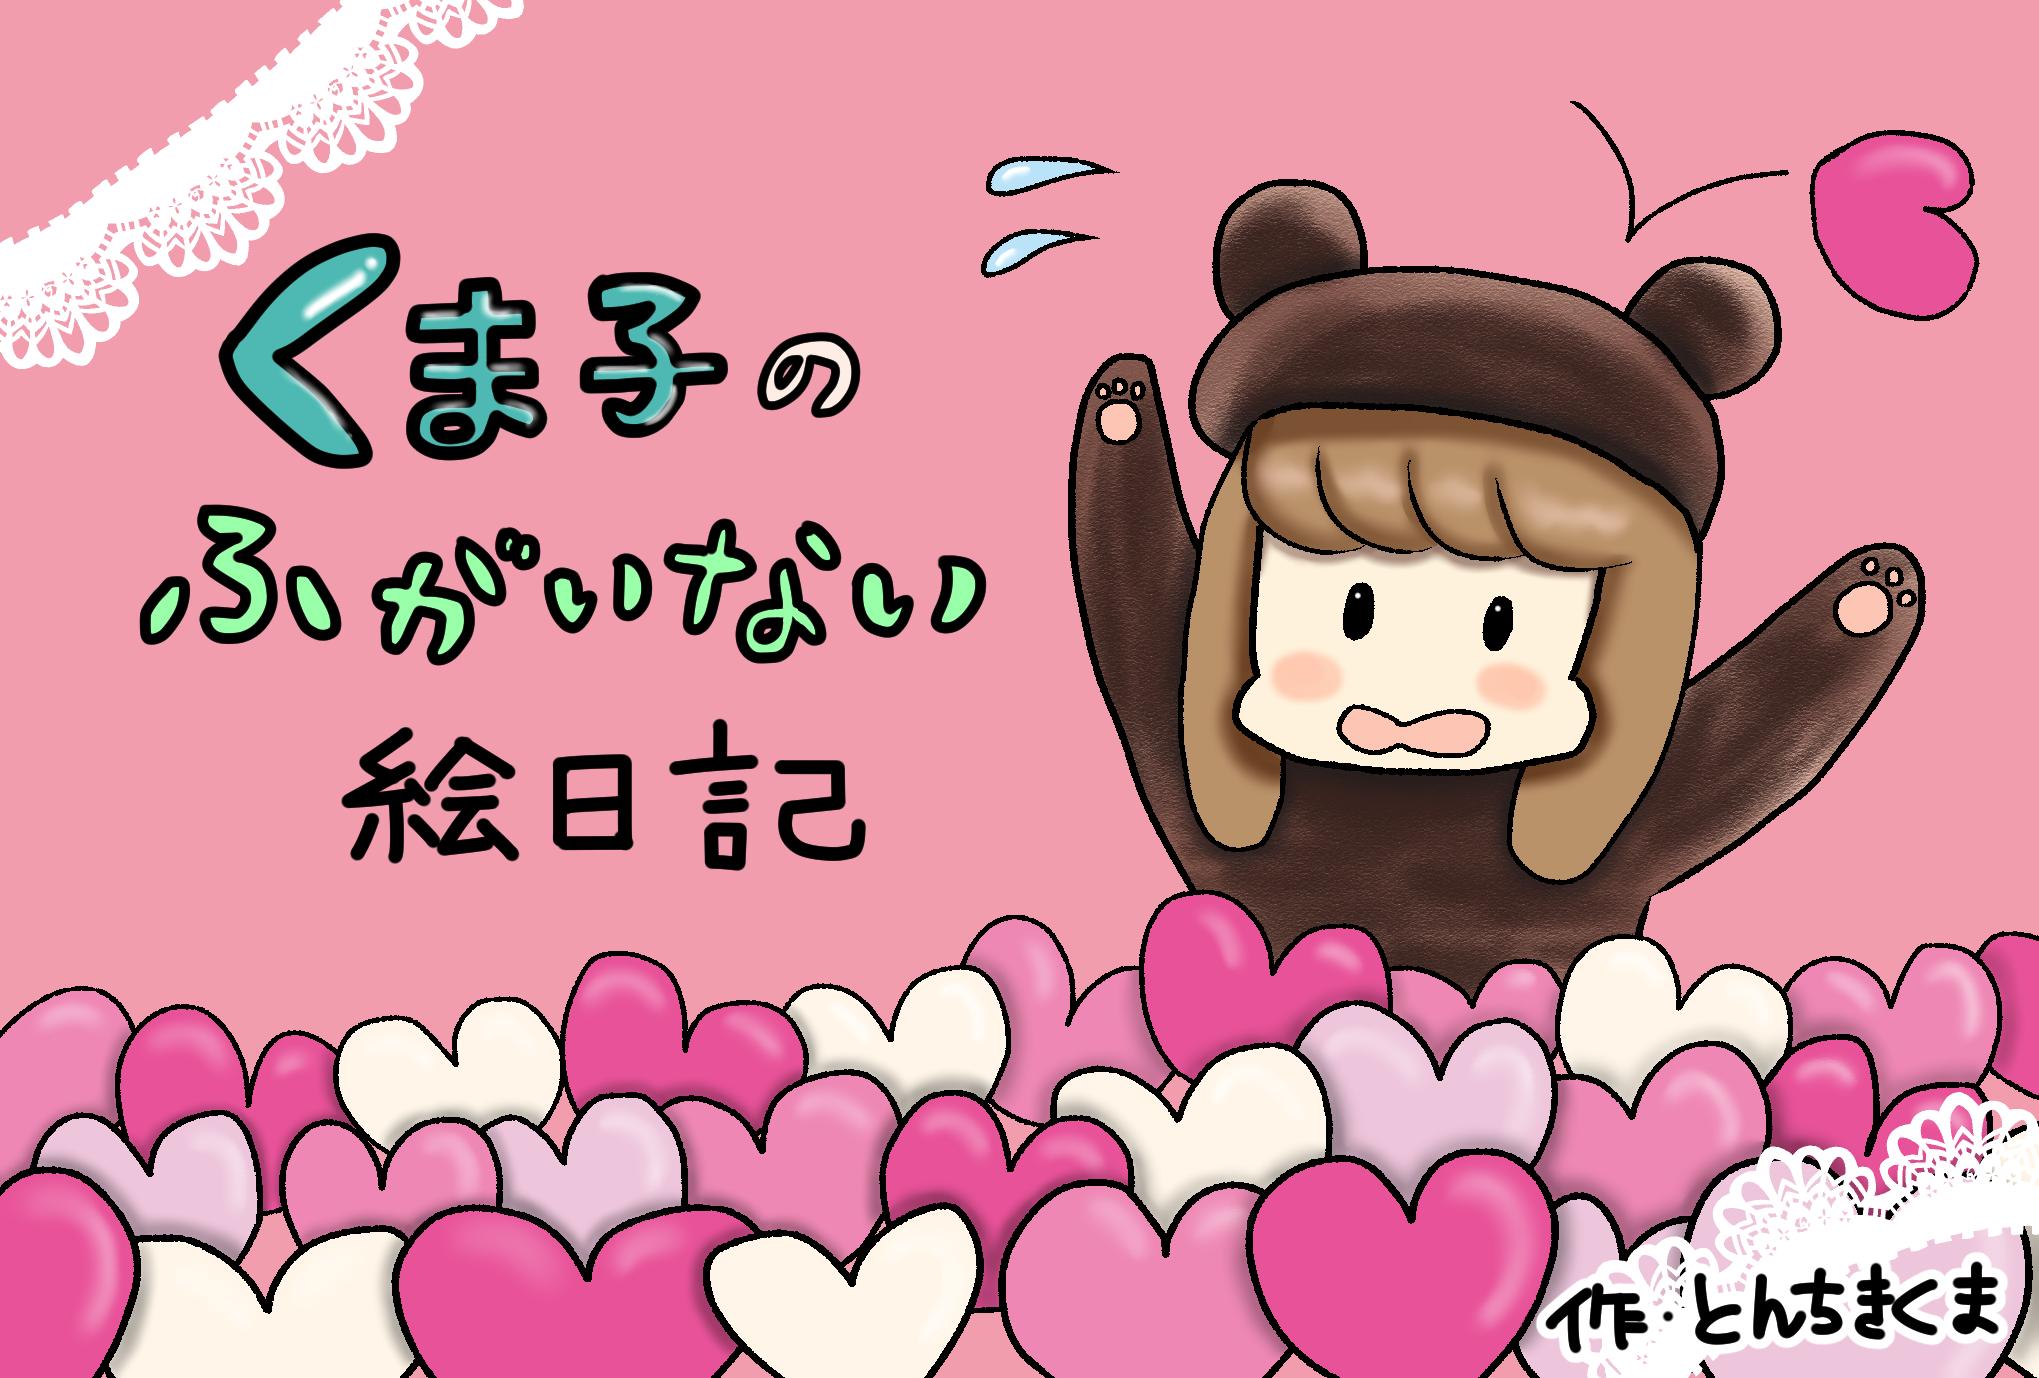 【エッセイ漫画】アラサー主婦くま子のふがいない日常(31)